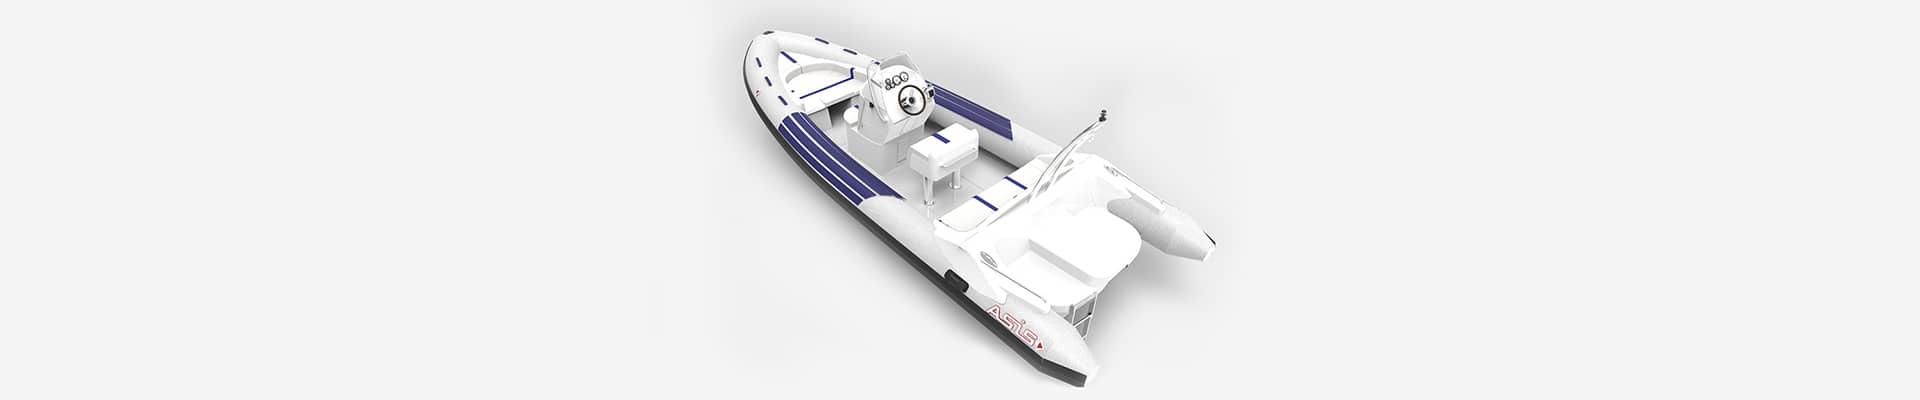 MAREEYA SHOP Boat Marine Top Square Internal Eye End Blk 1 Pair Pontoon Deckboat